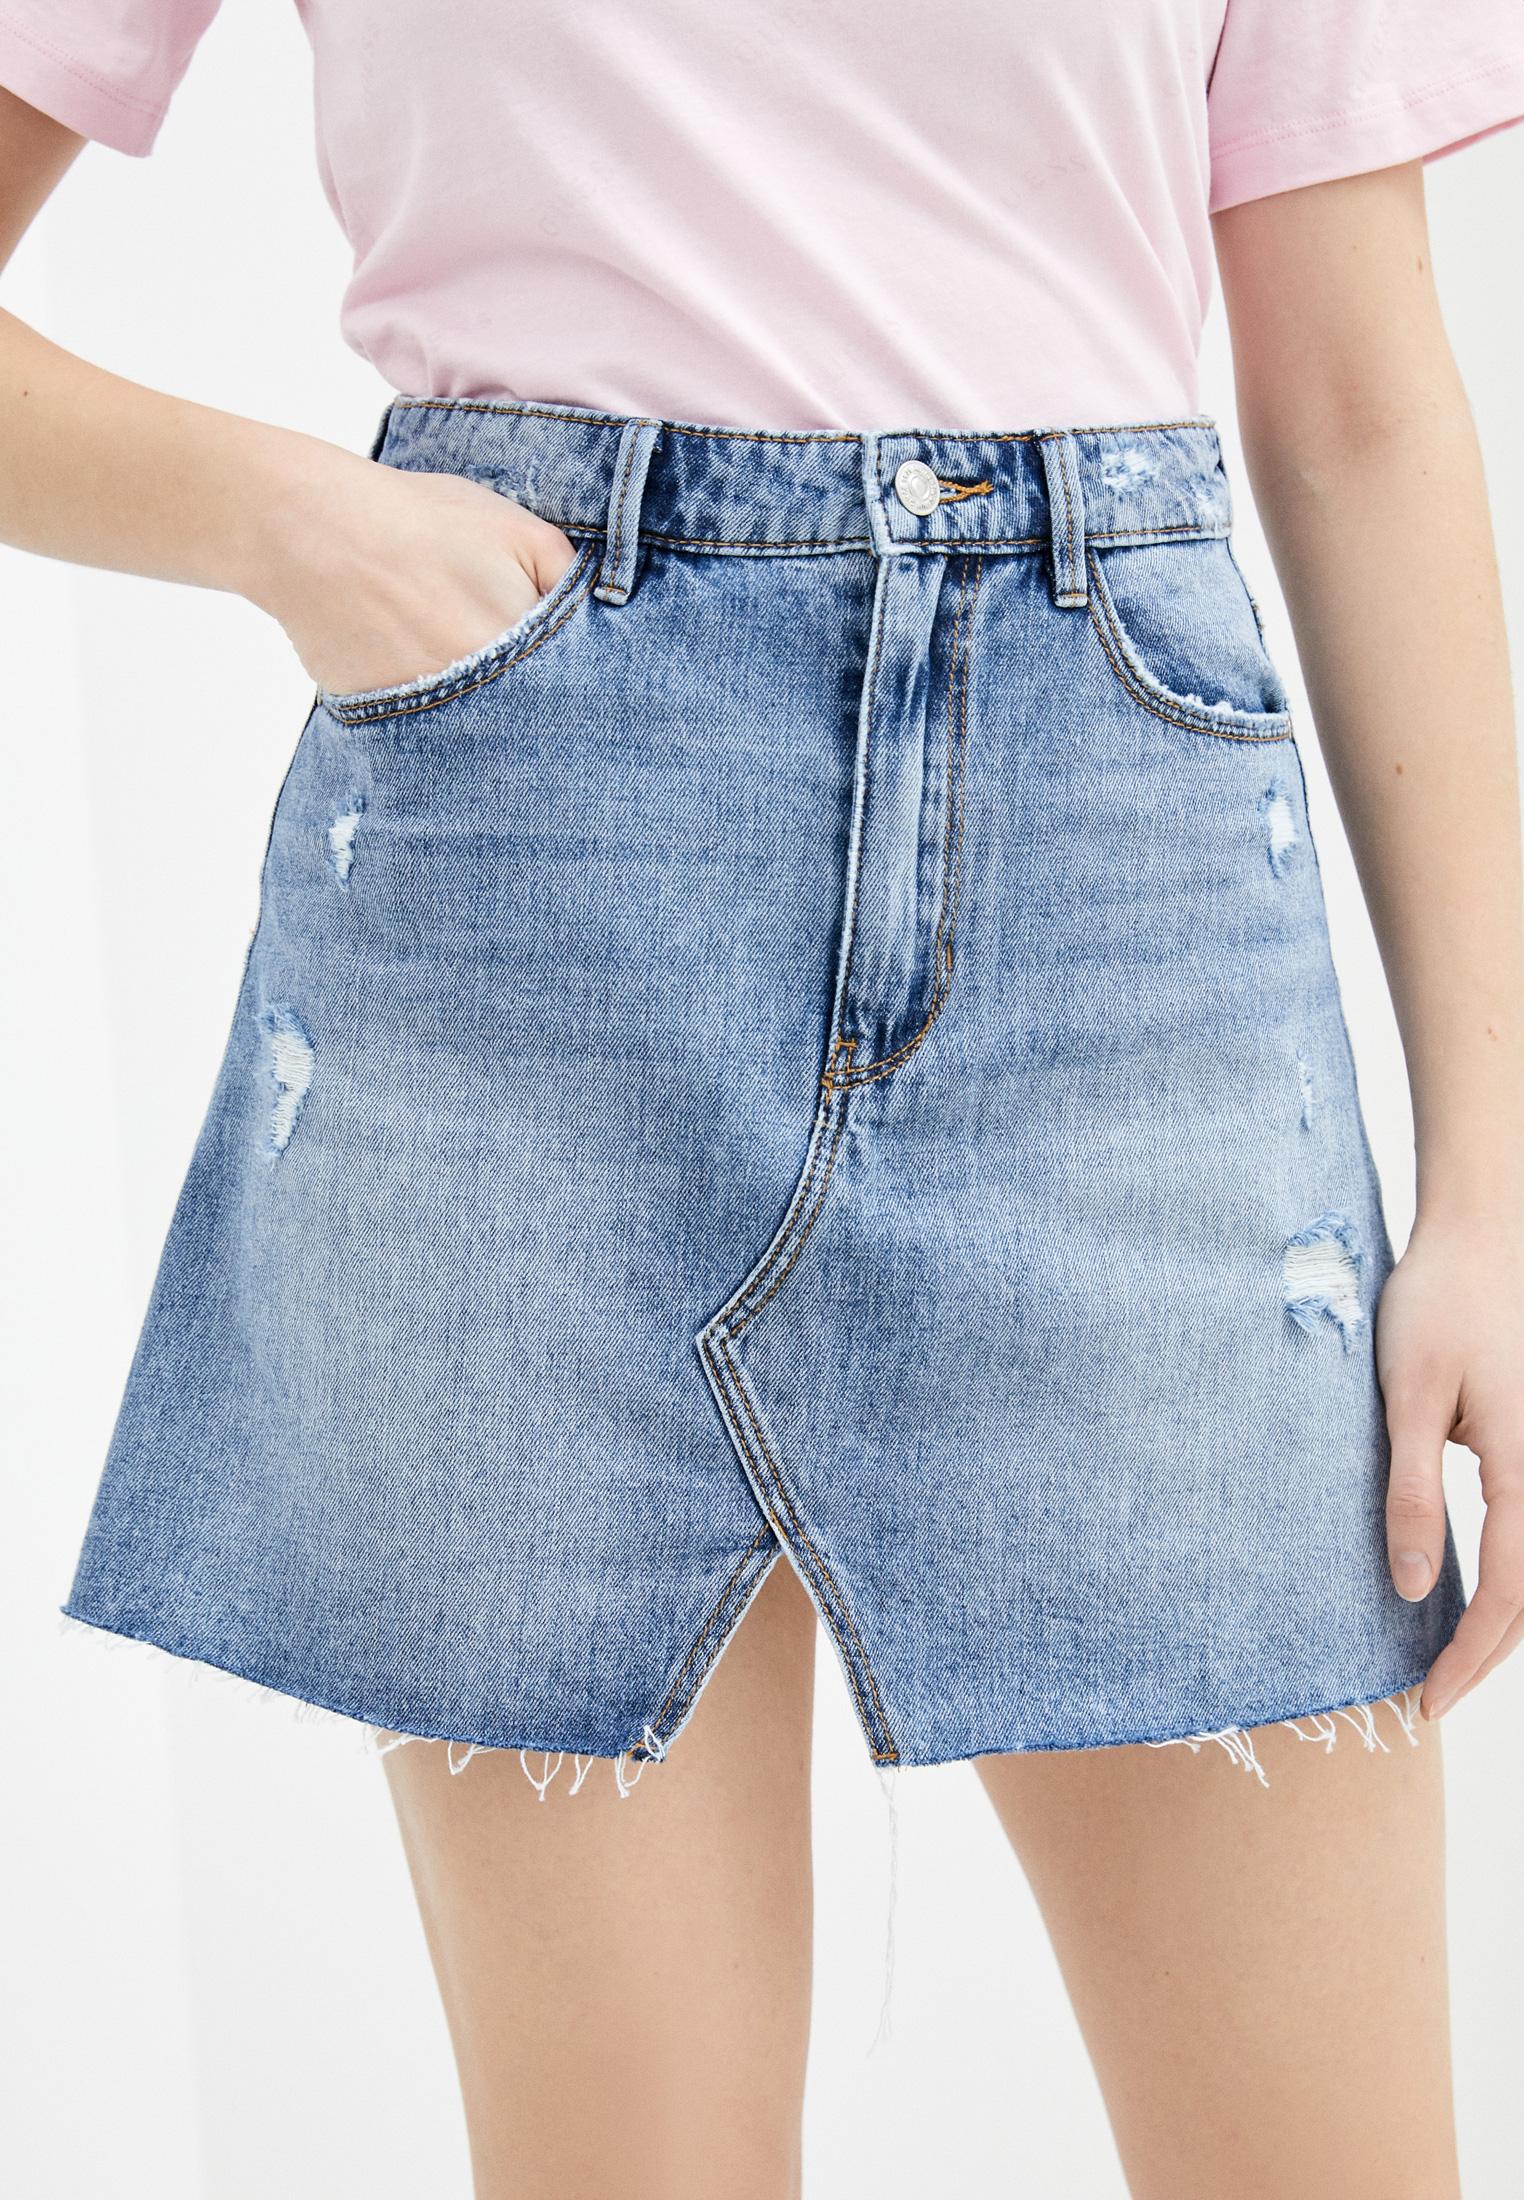 Джинсовая юбка Pimkie 690762